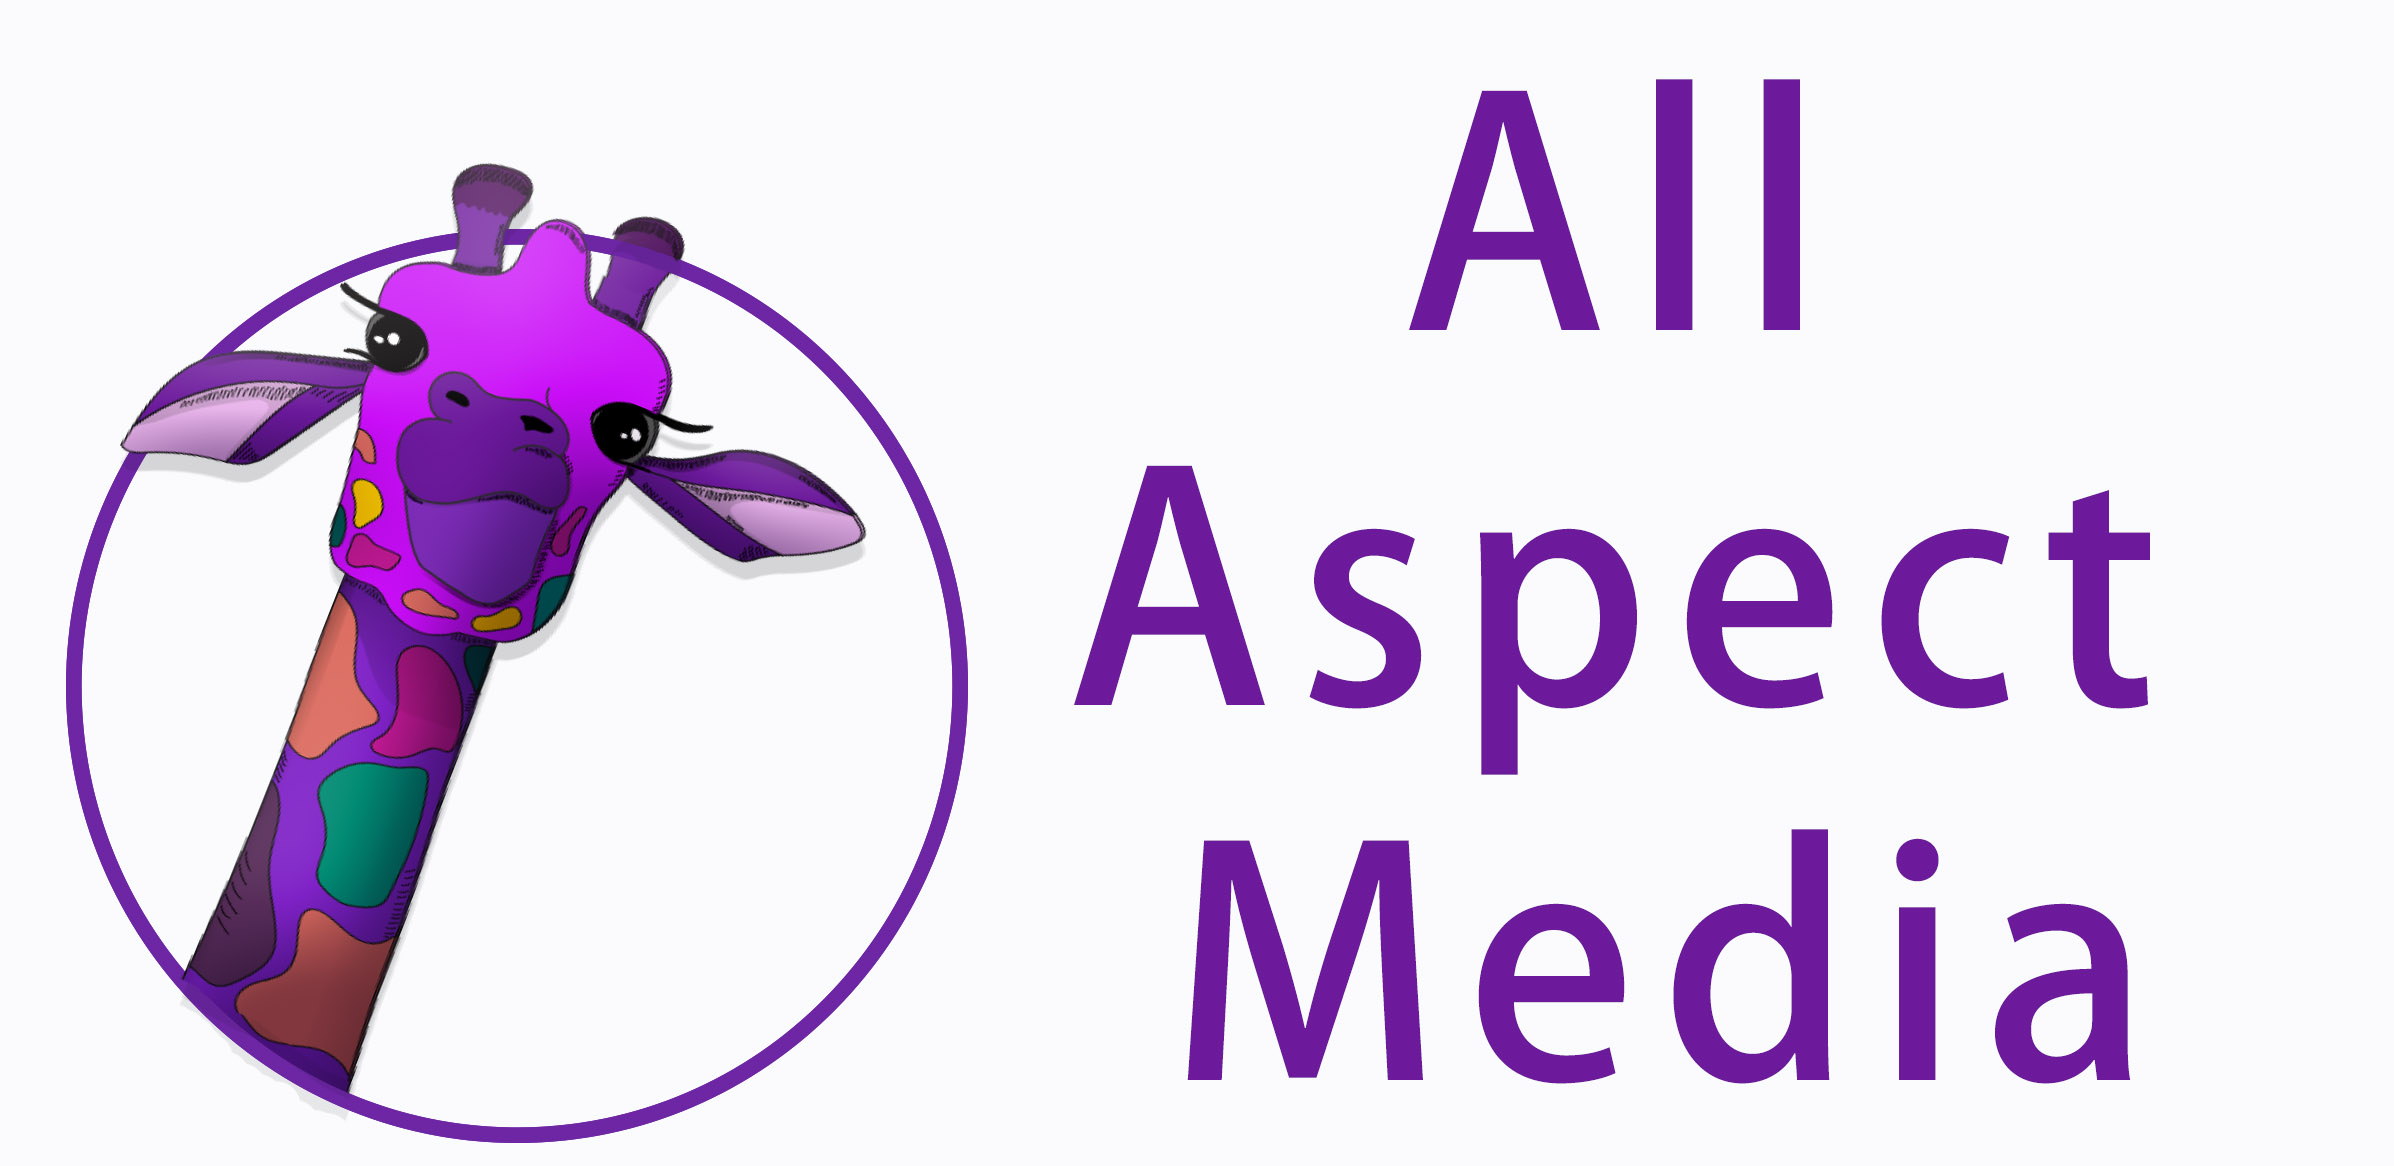 All Aspect Media Ltd